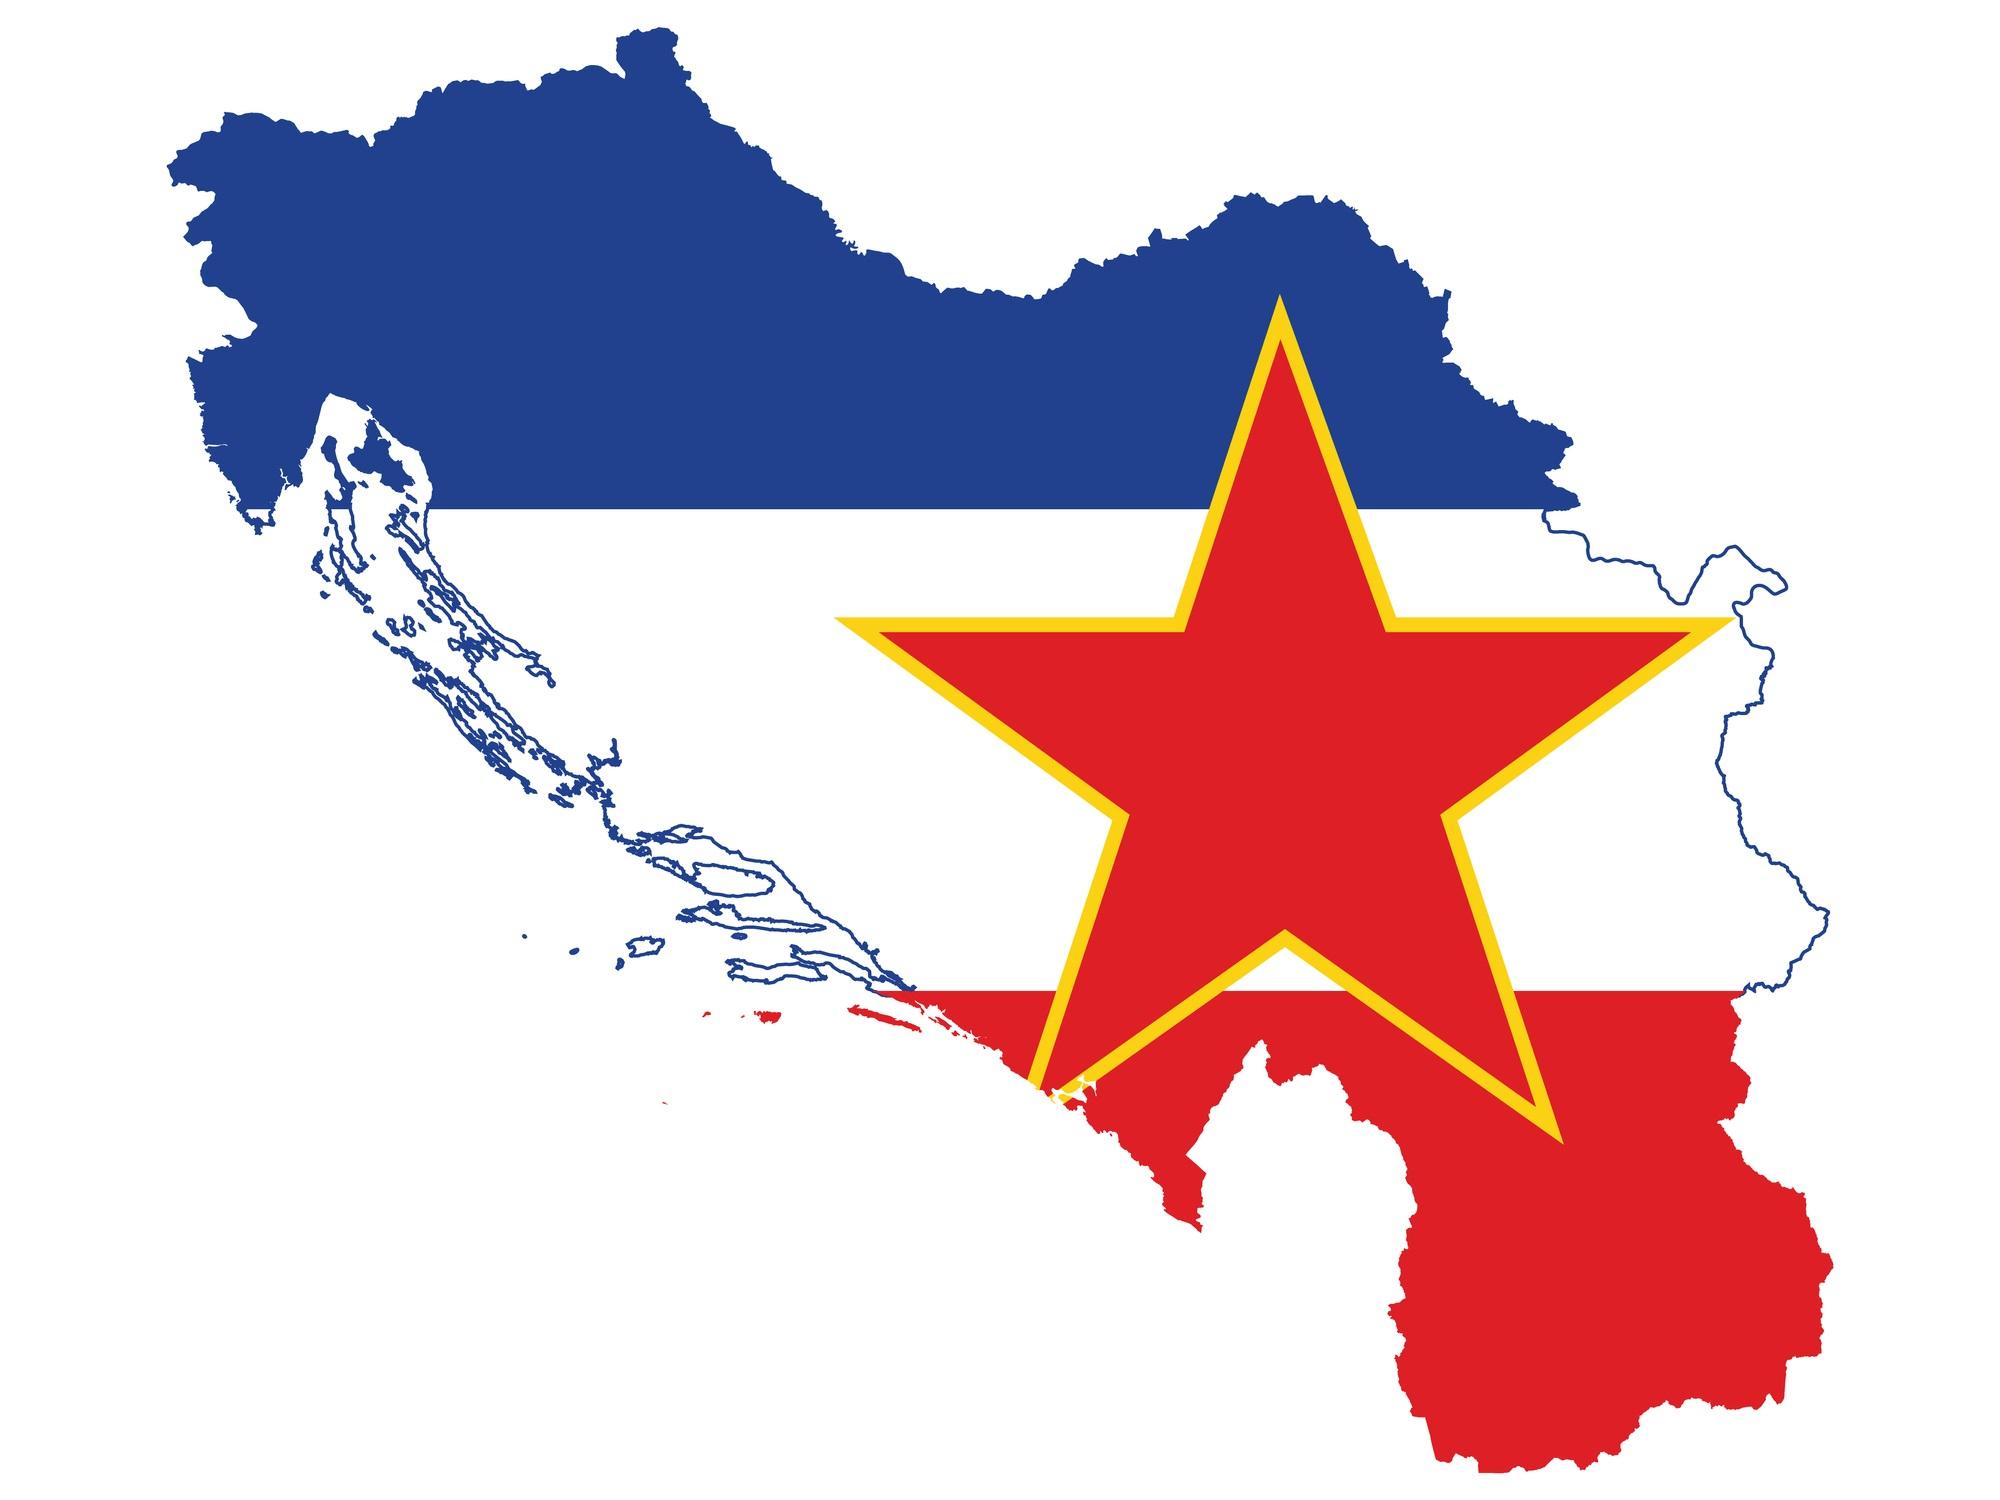 <p><strong>Югославия</strong></p>  <p>Югославия (Земя на южните славяни) се намираше в западно-централния Балкански полуостров. Някога част от Австро-Унгарската империя, Югославия е създадена за първи път през 1918 г., но се нарича Кралство на сърби, хървати и словенци. Става Кралство Югославия през 1929 г. След Втората световна война монархията е разпусната и страната става комунистическа, под управлението на Йосип Тито.</p>